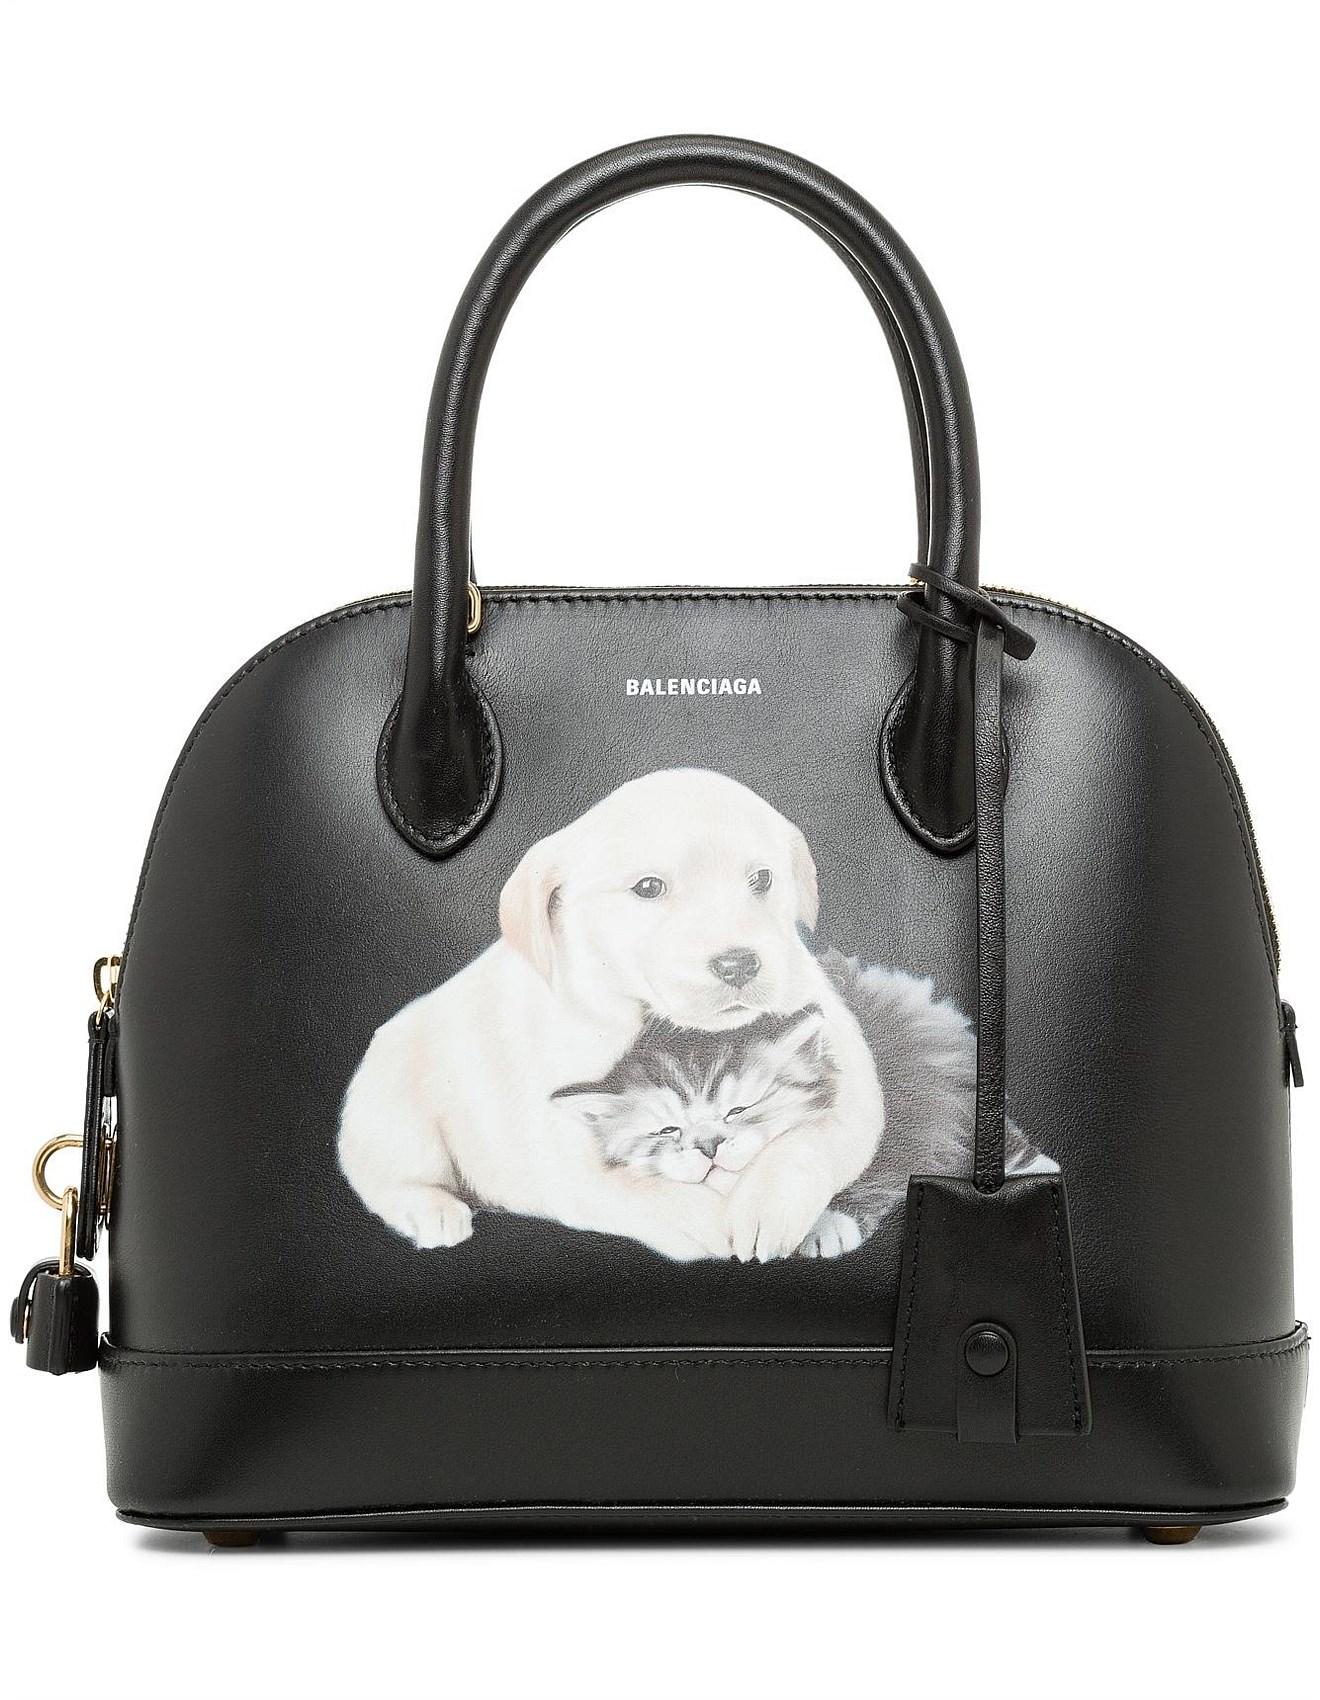 573d89bb25f Designer Handbags For Women   Buy Ladies Bags Online   David Jones ...